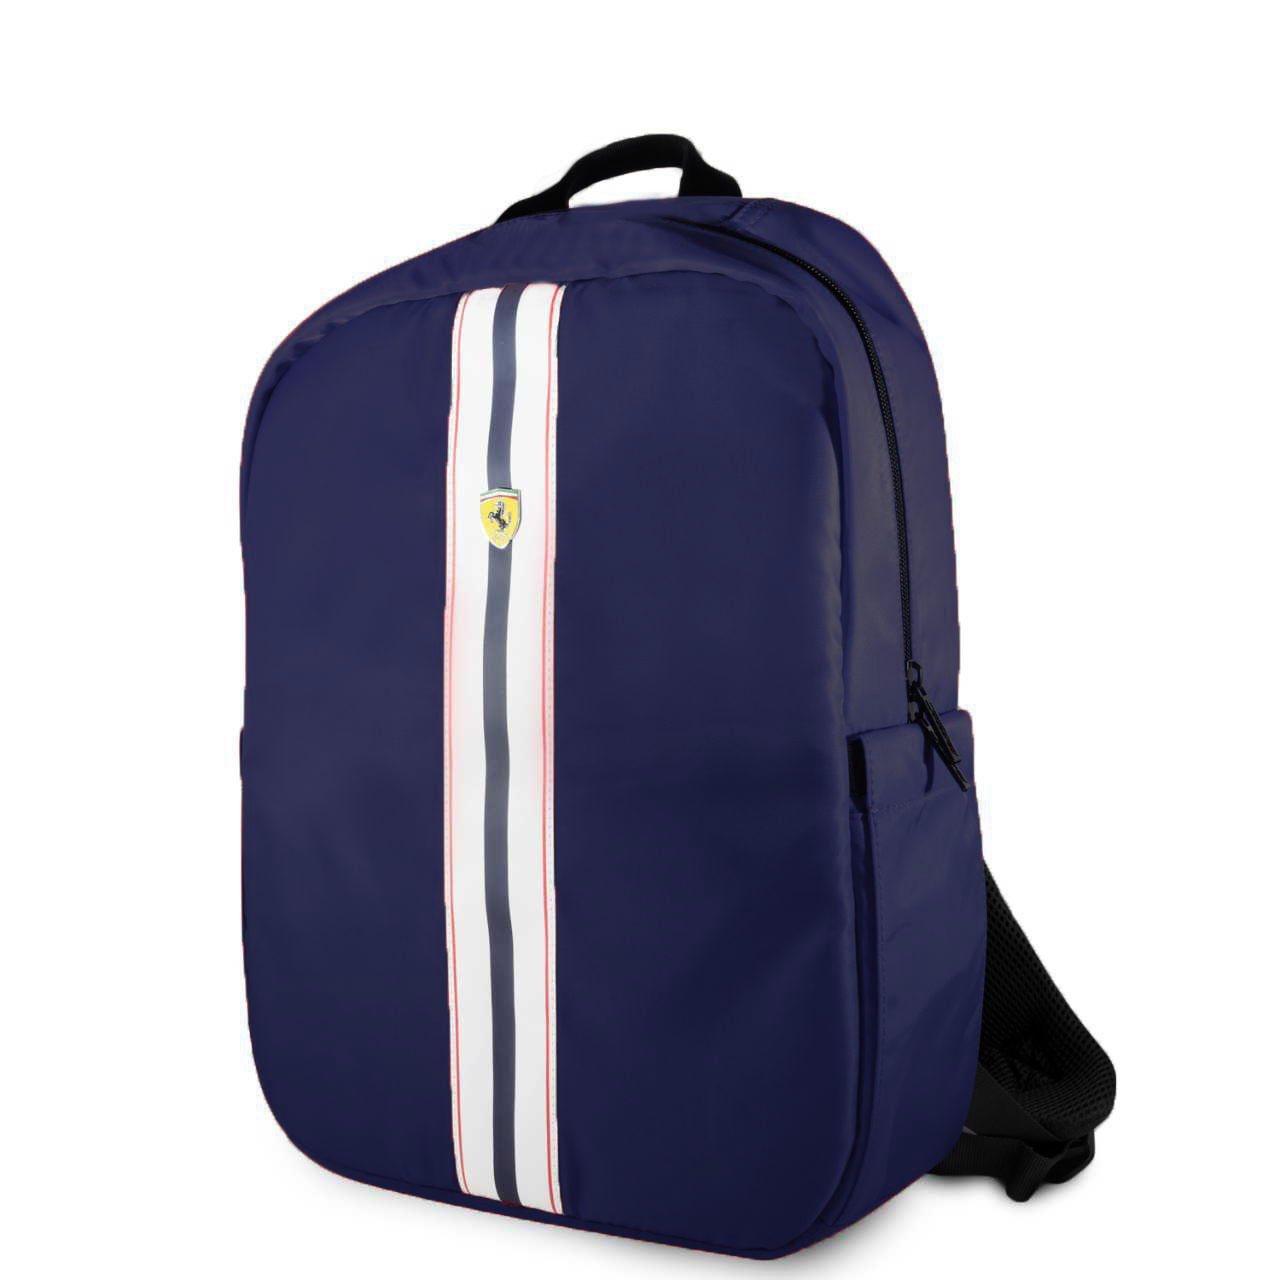 کیف فراری مخصوص لپ تاب اورجینال مناسب برای لپ تاپ 15 اینچی